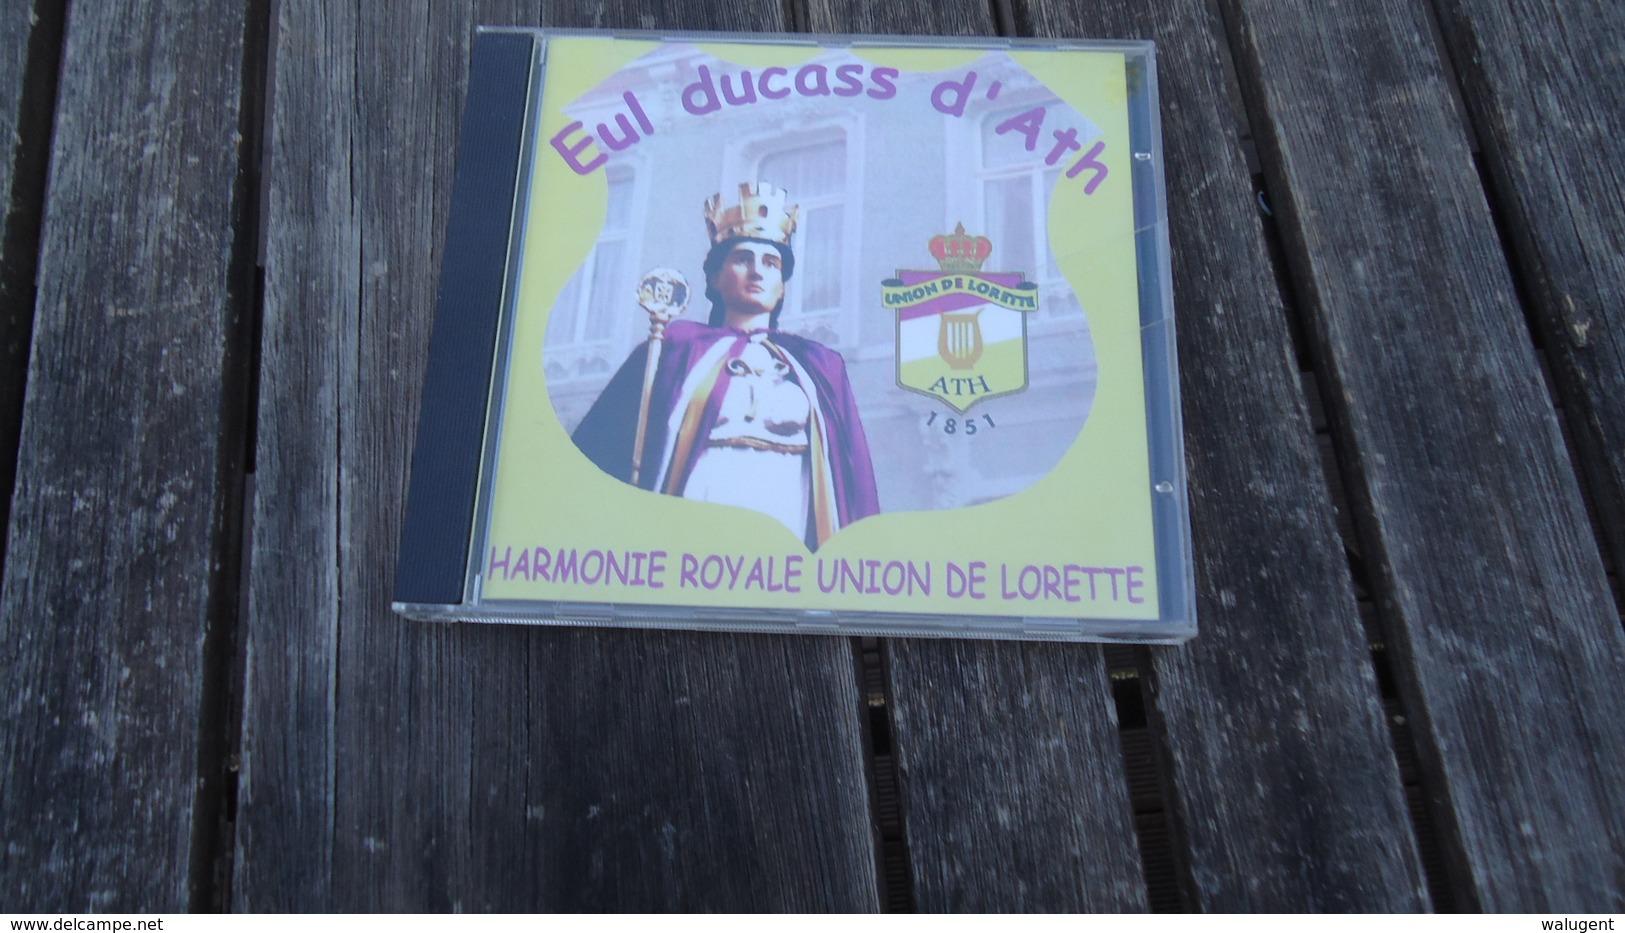 Eul Ducass D' Ath  - Harmonie Royale Union De Lorette - Musique & Instruments